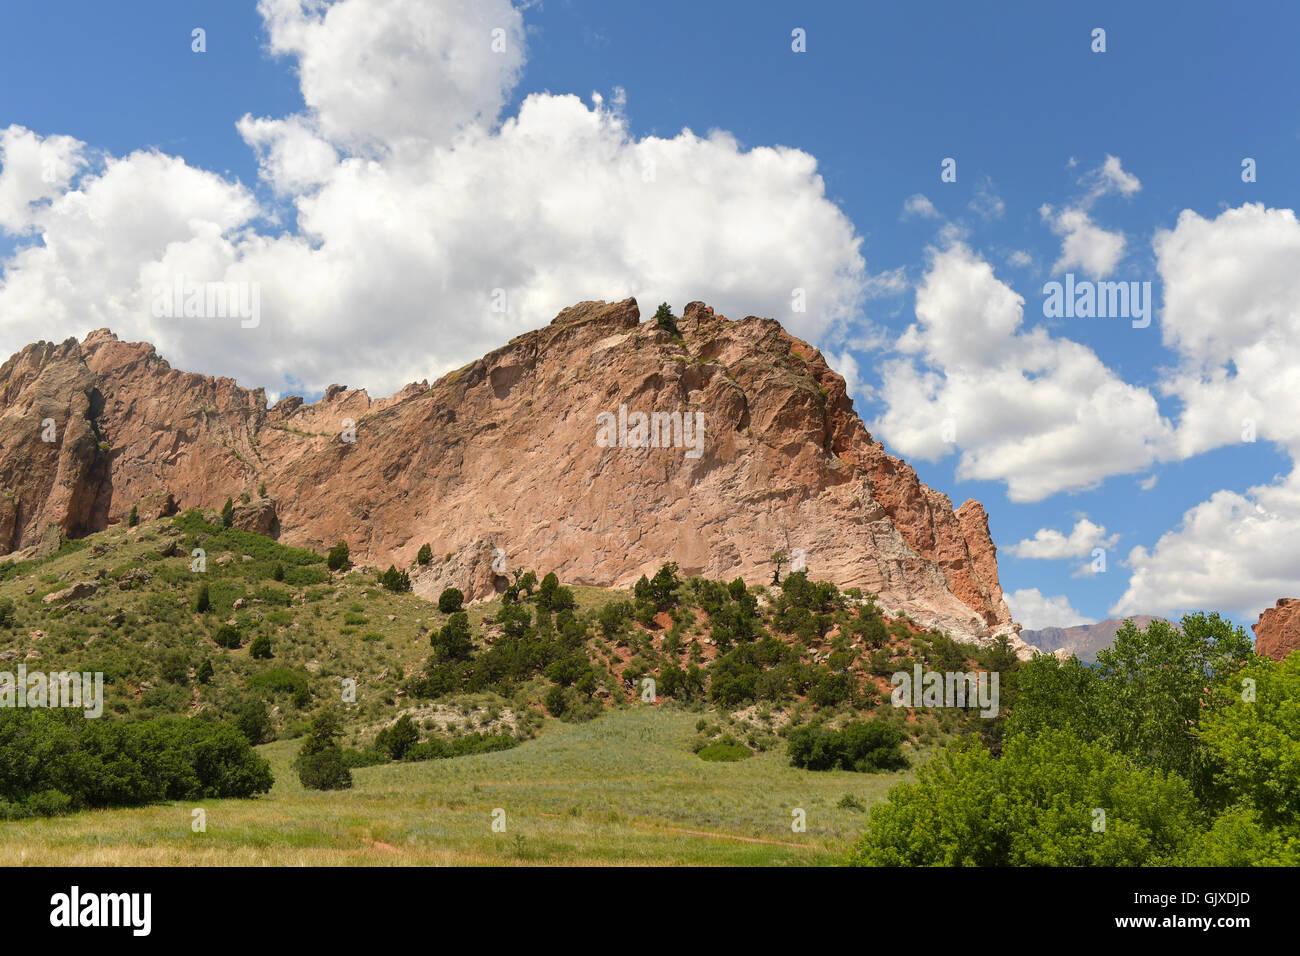 Garden Gods In Colorado Springs Stock Photos & Garden Gods In ...